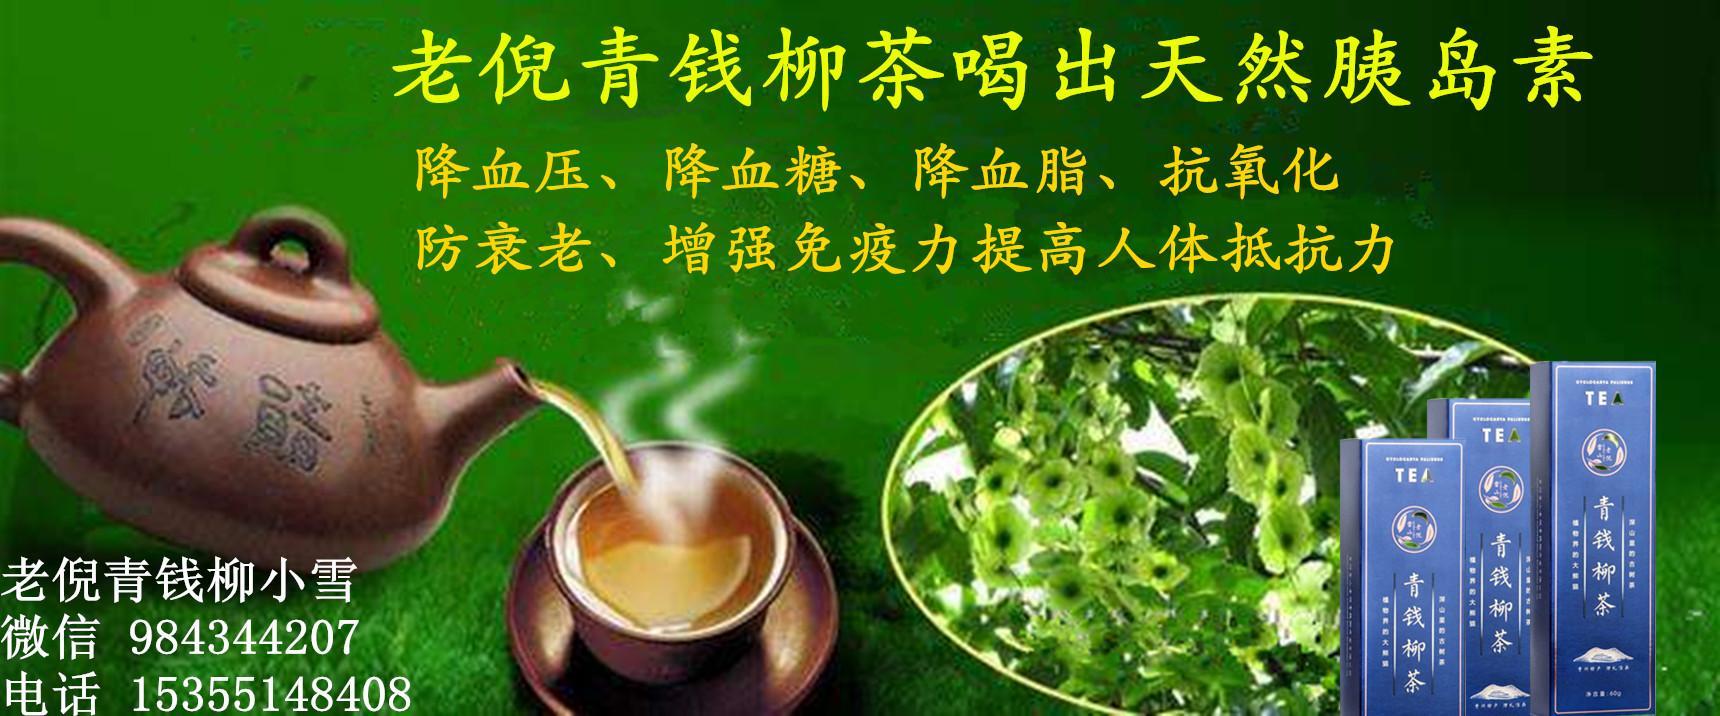 中医药茶的茶疗特点,七叶胆茶